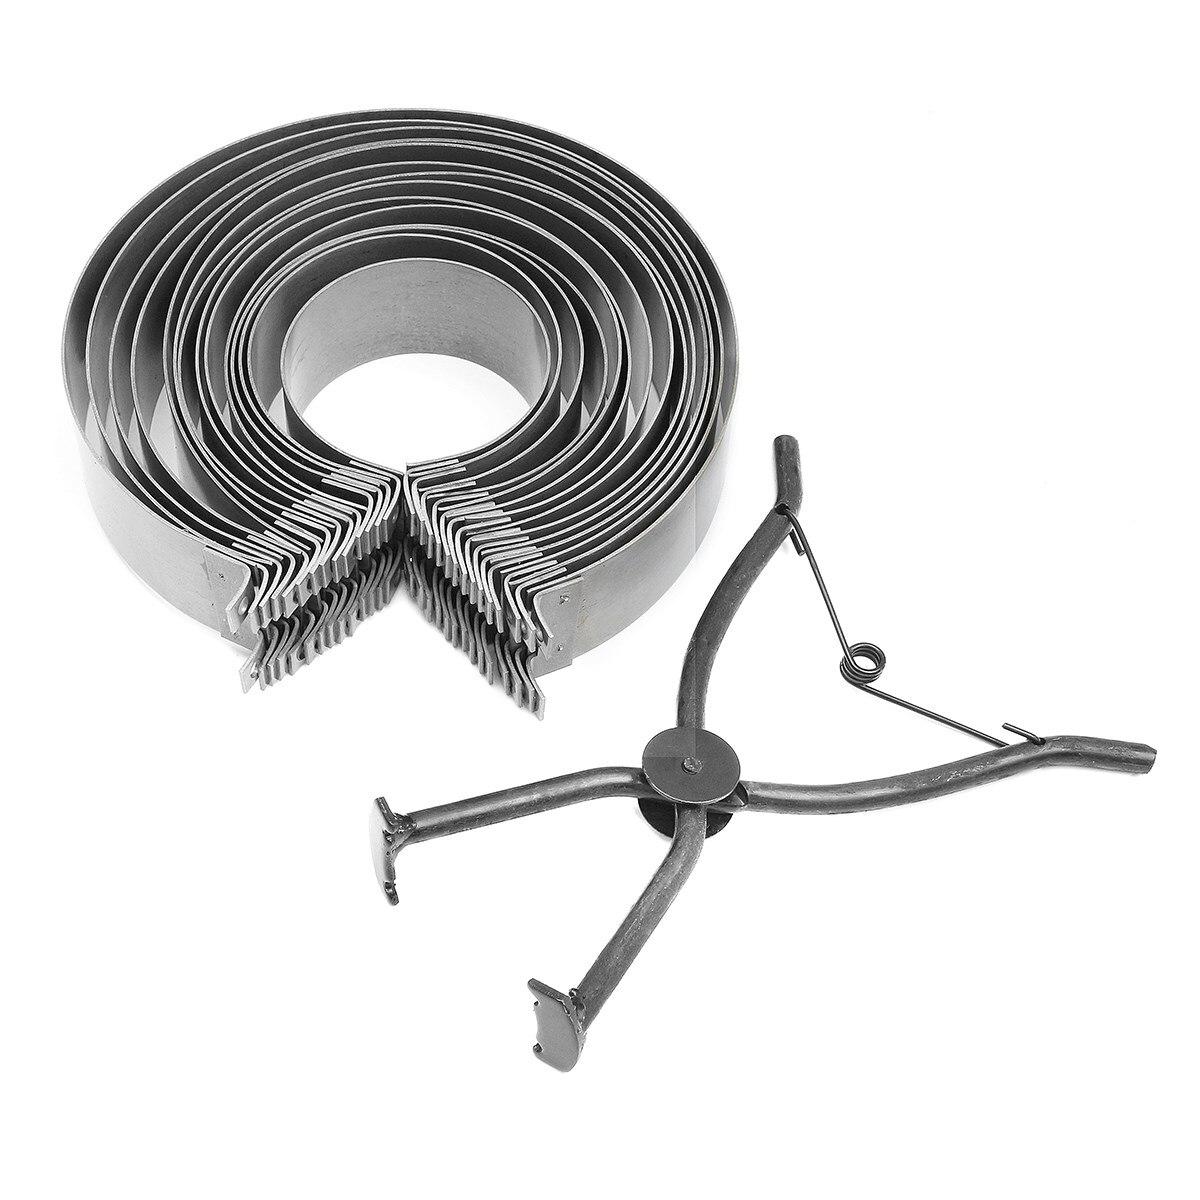 US $20 88 37% OFF|62 145mm Piston Ring Compressor Set Ratcheting Self  Adjusting Plier Engine Tool Cylinder Installer Ratchet Pliers 14 Rings-in